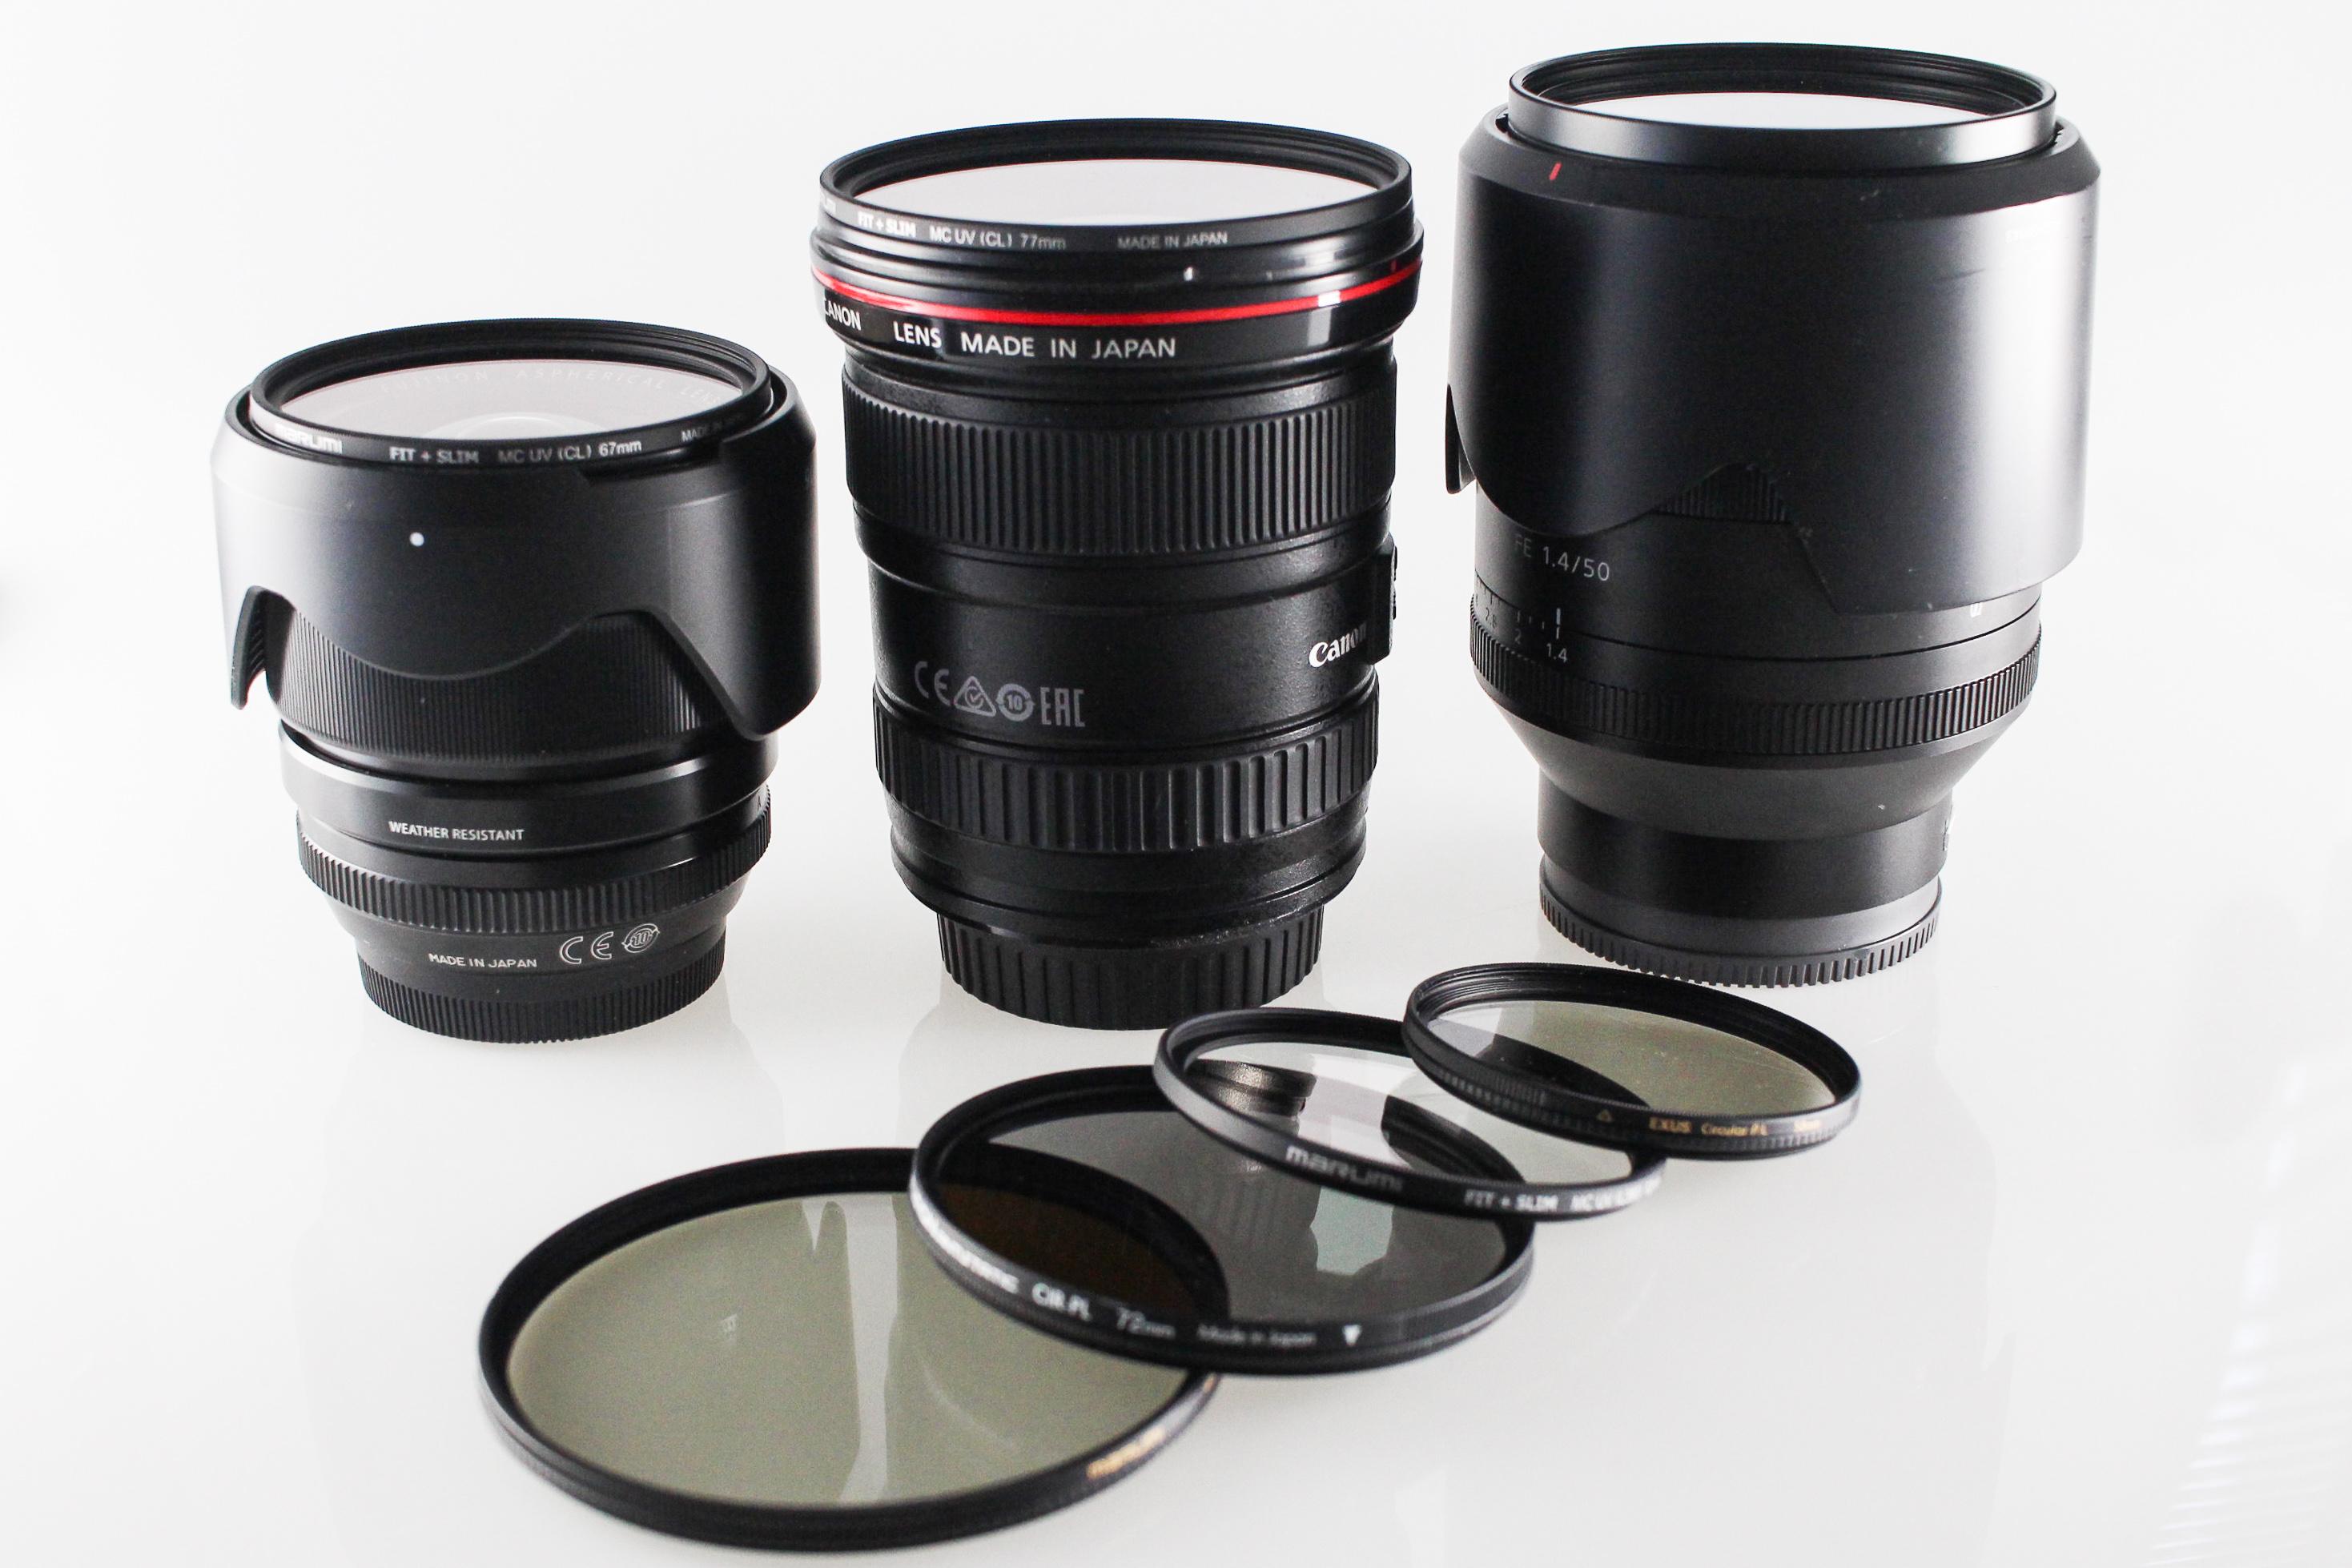 jaki filtr fotograficzny kupić?